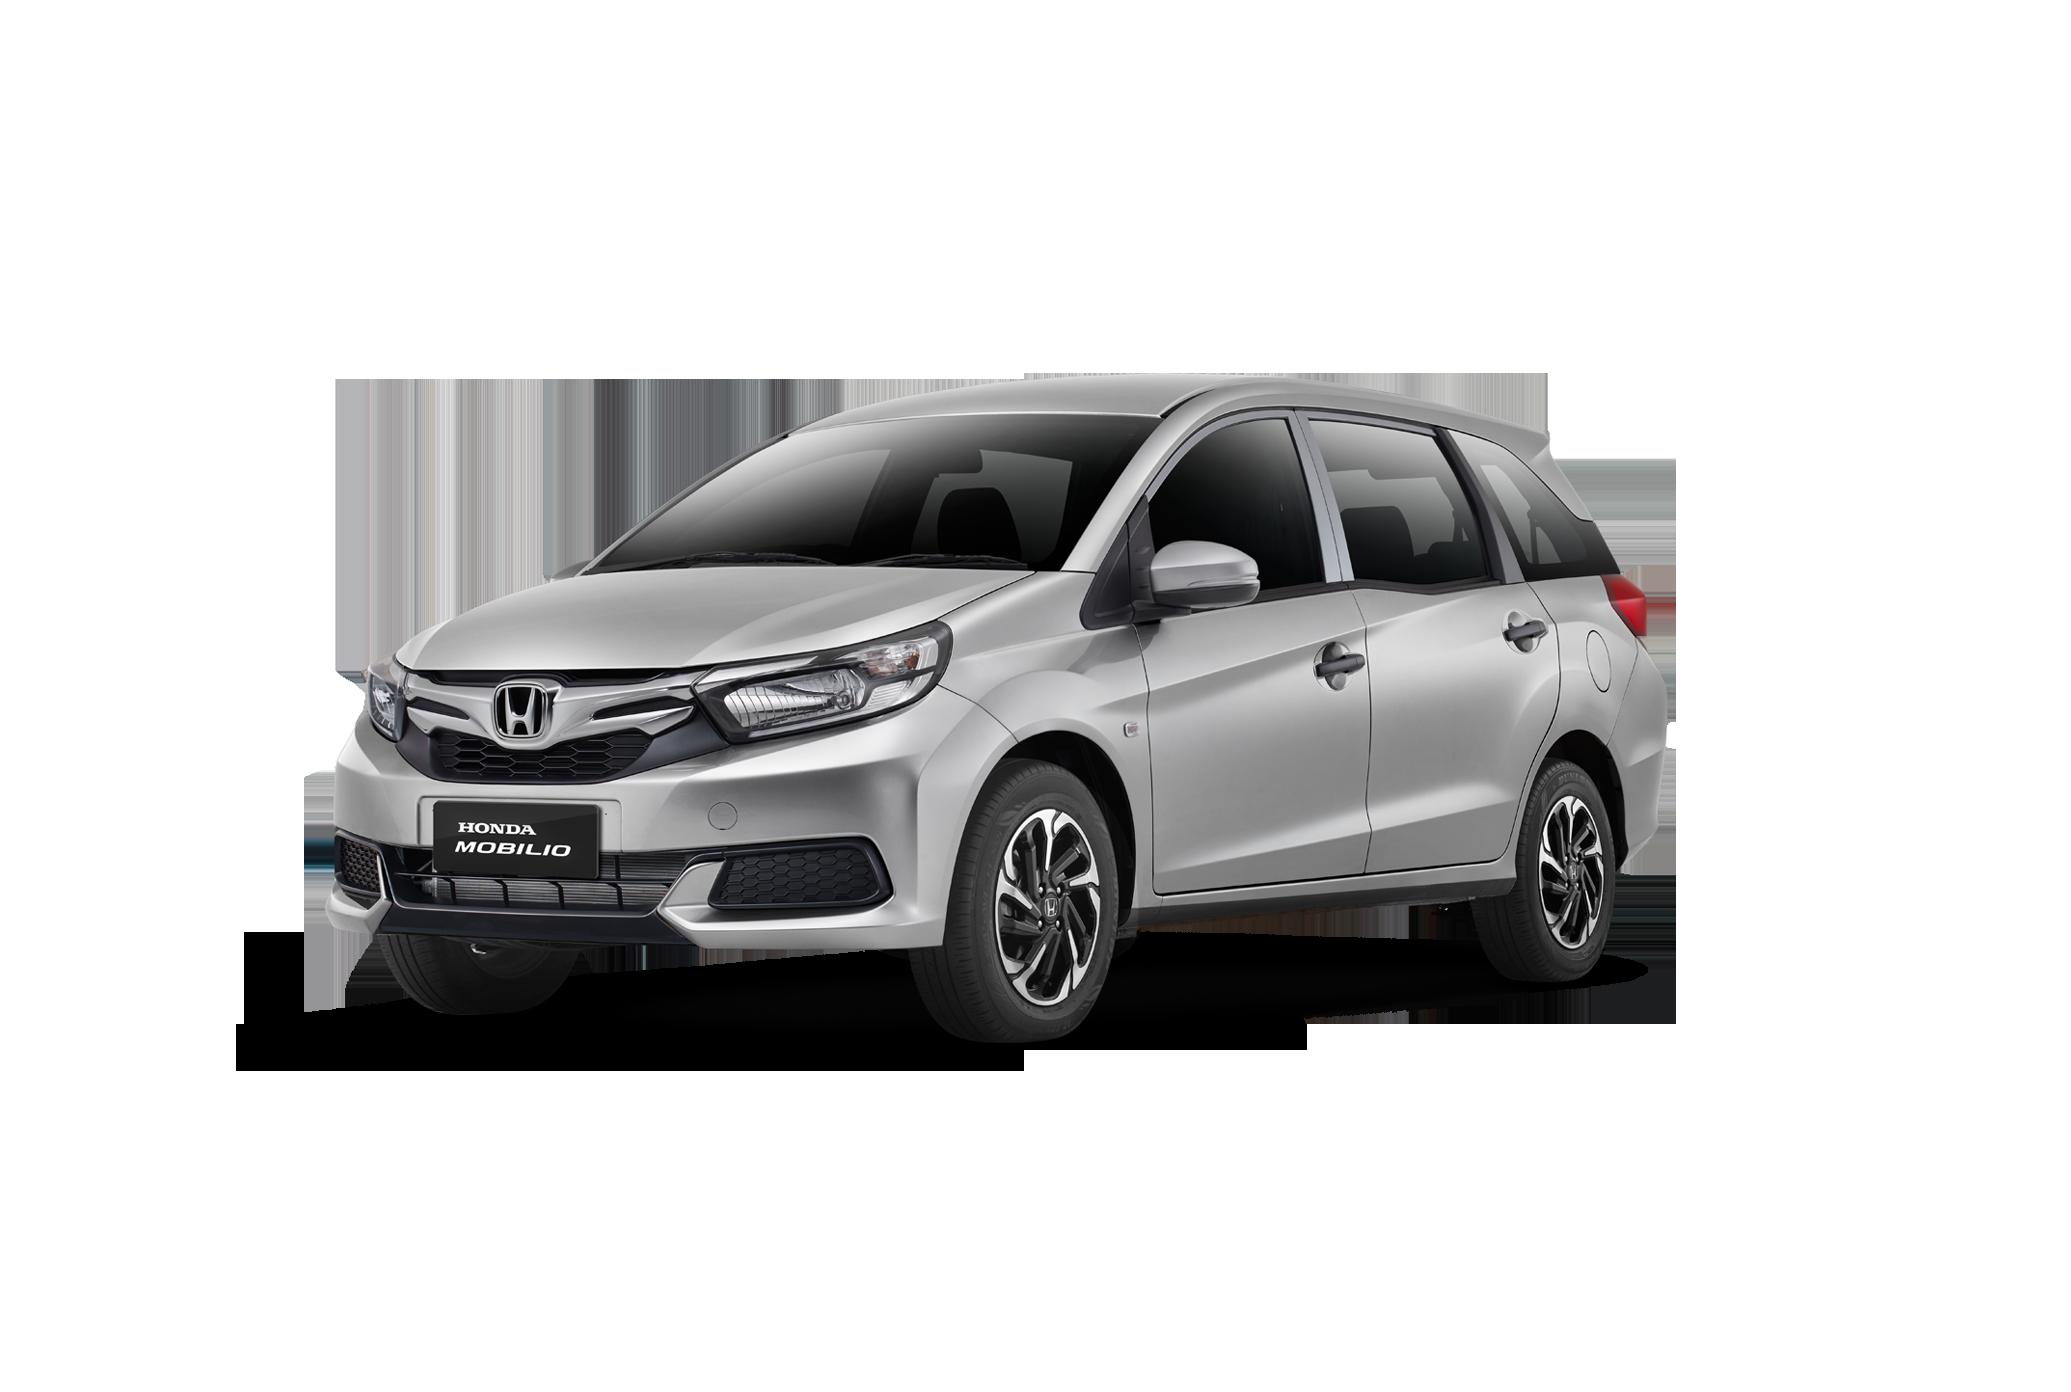 ew-Honda-Mobilio-Type-S-M-T